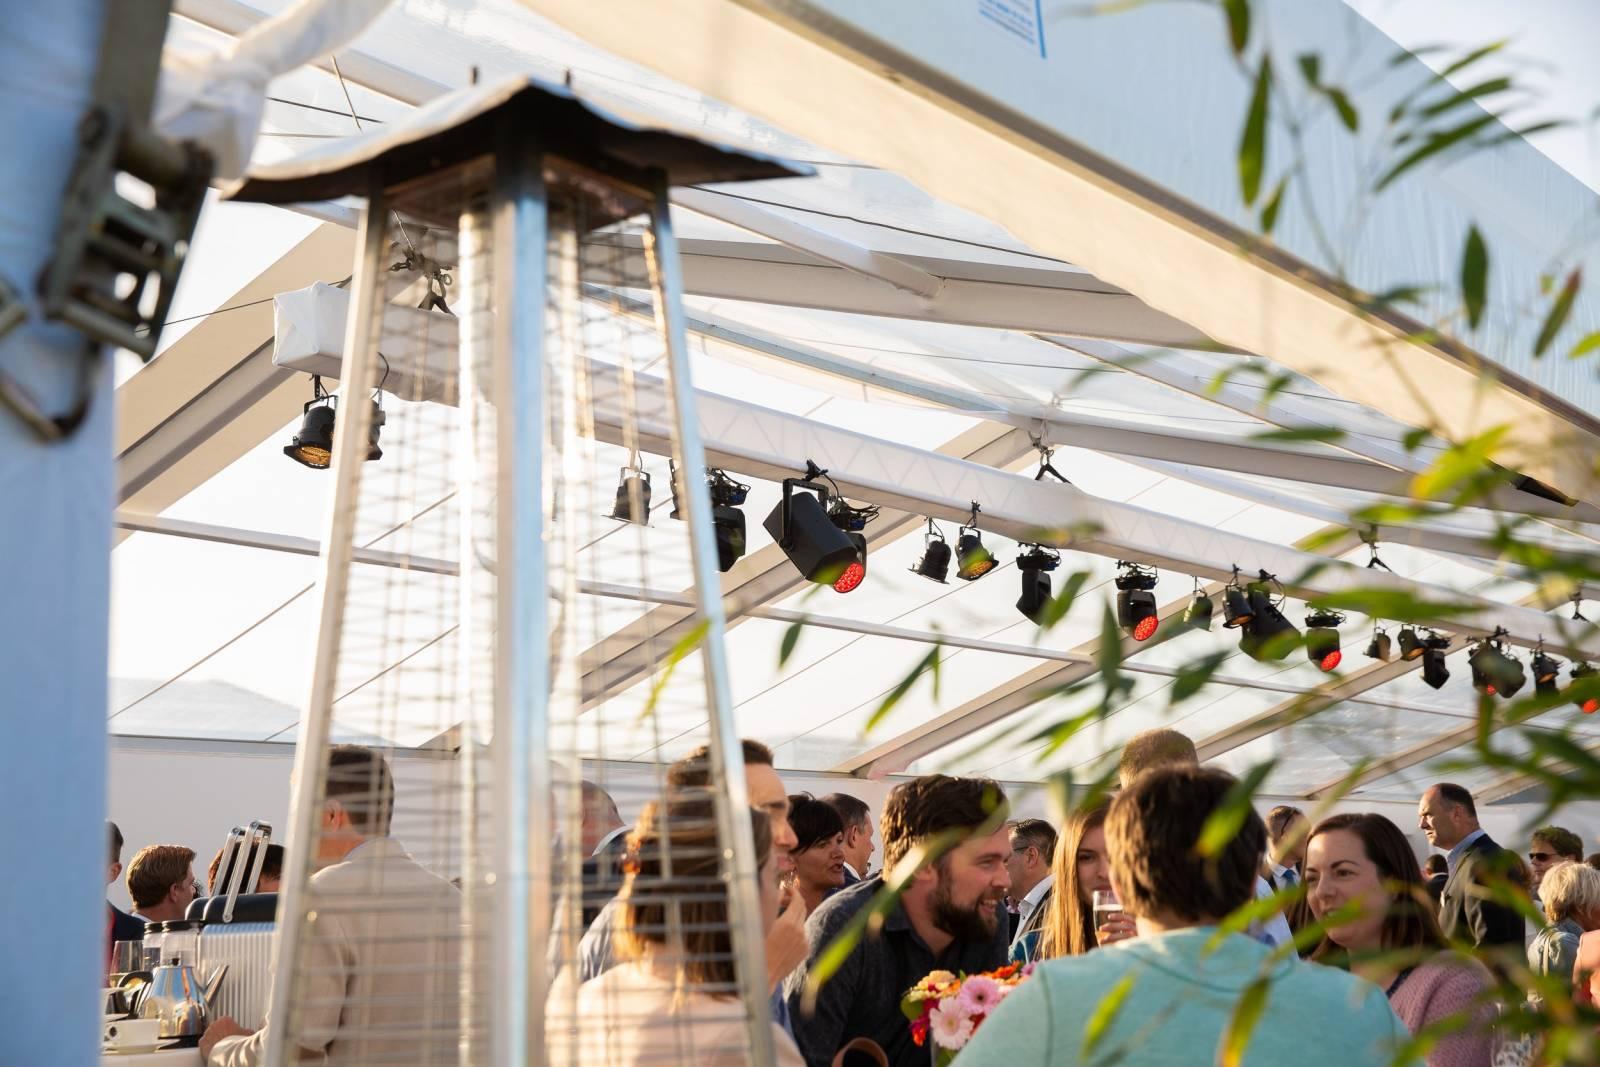 Tentmoment - Feesttent - Tent Event - Verhuur Tenten - Fotograaf Jurgen De Witte - House of Events - 13